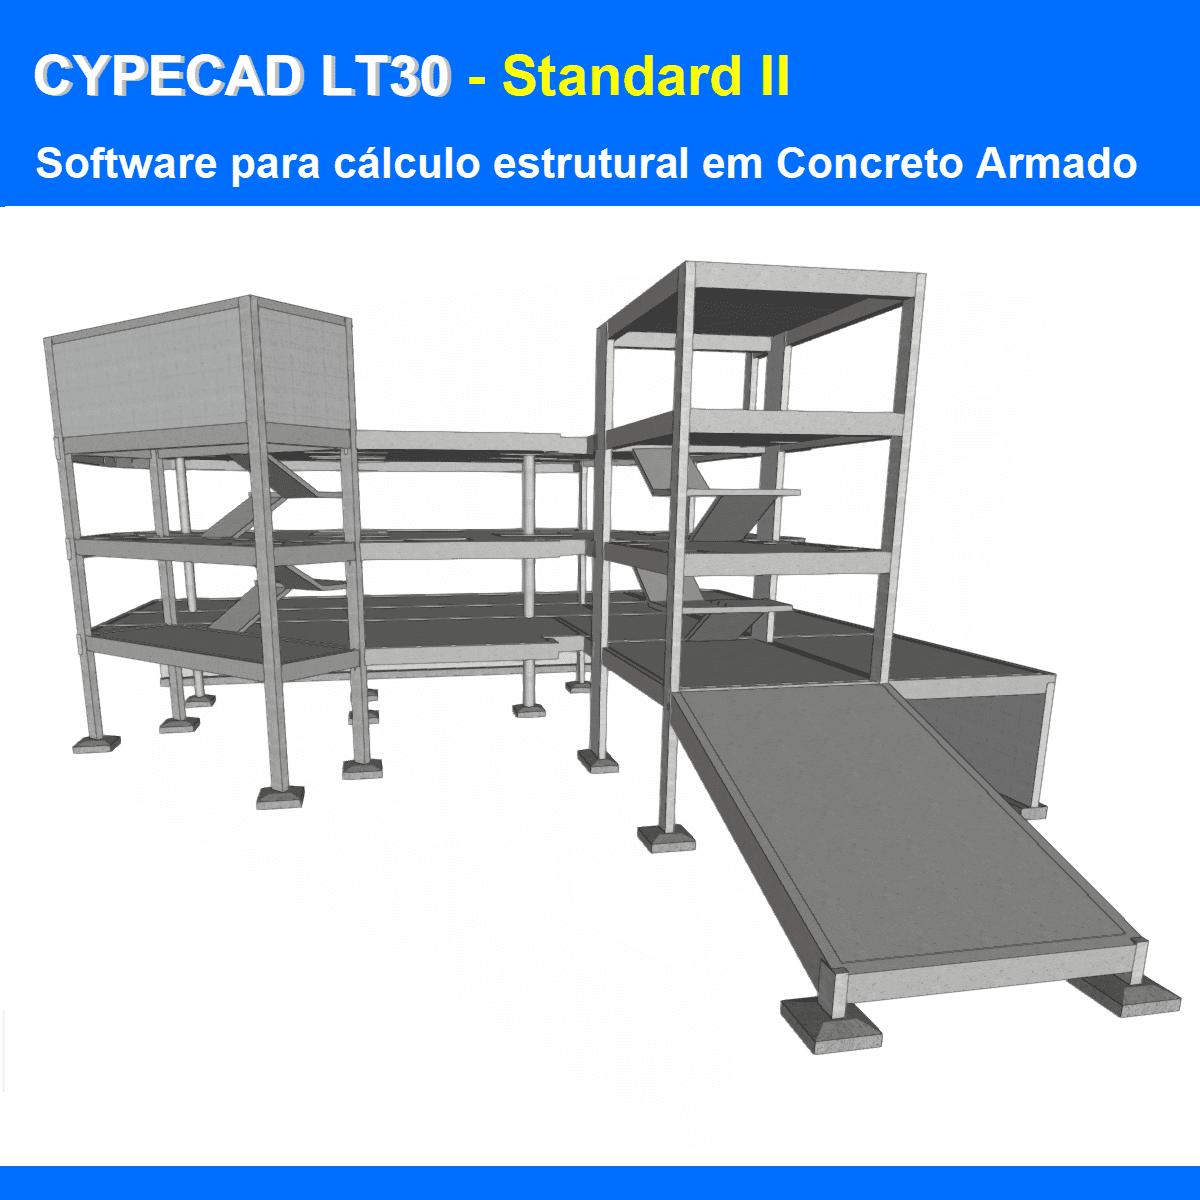 """Software CYPECAD LT30 Standard II versão 2022 (Licença Eletrônica) incluindo a modulação descrita em """"Itens Inclusos"""" a seguir  - MULTIPLUS SOFTWARES"""